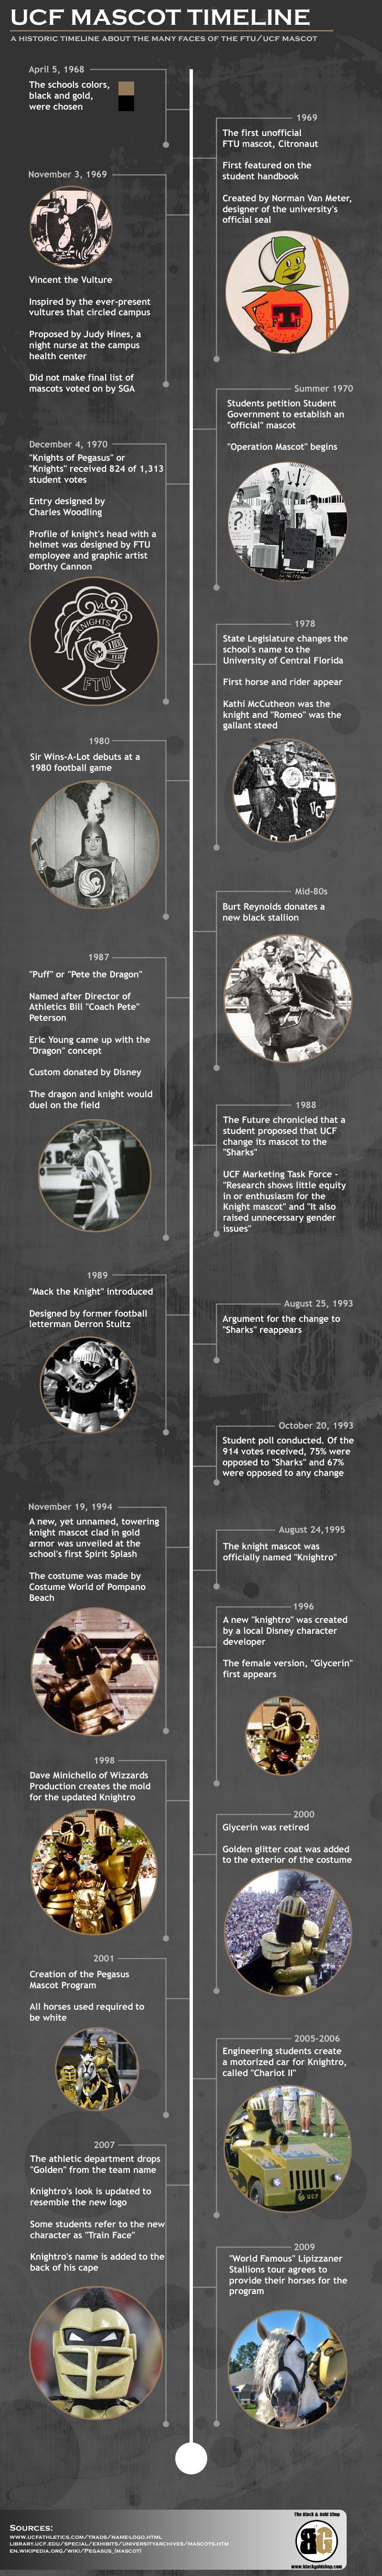 history-of-the-ucf-mascot_50abb364f03de